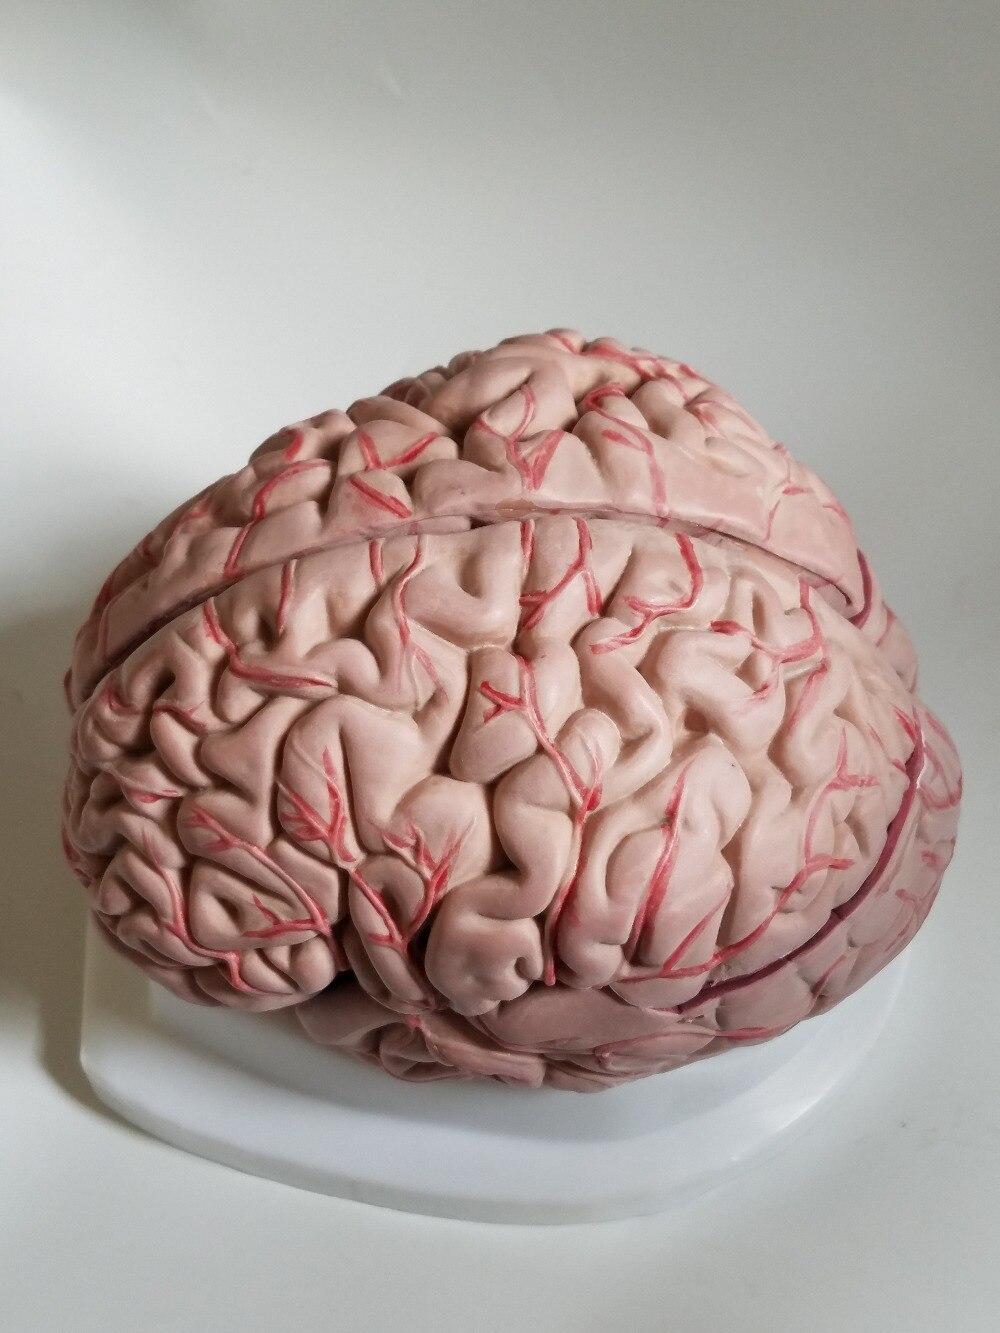 Modèle de cerveau humain modèle cérébrovasculaire 8 parties modèle d'anatomie du cerveau modèle d'enseignement des sciences médicales fournitures éducatives